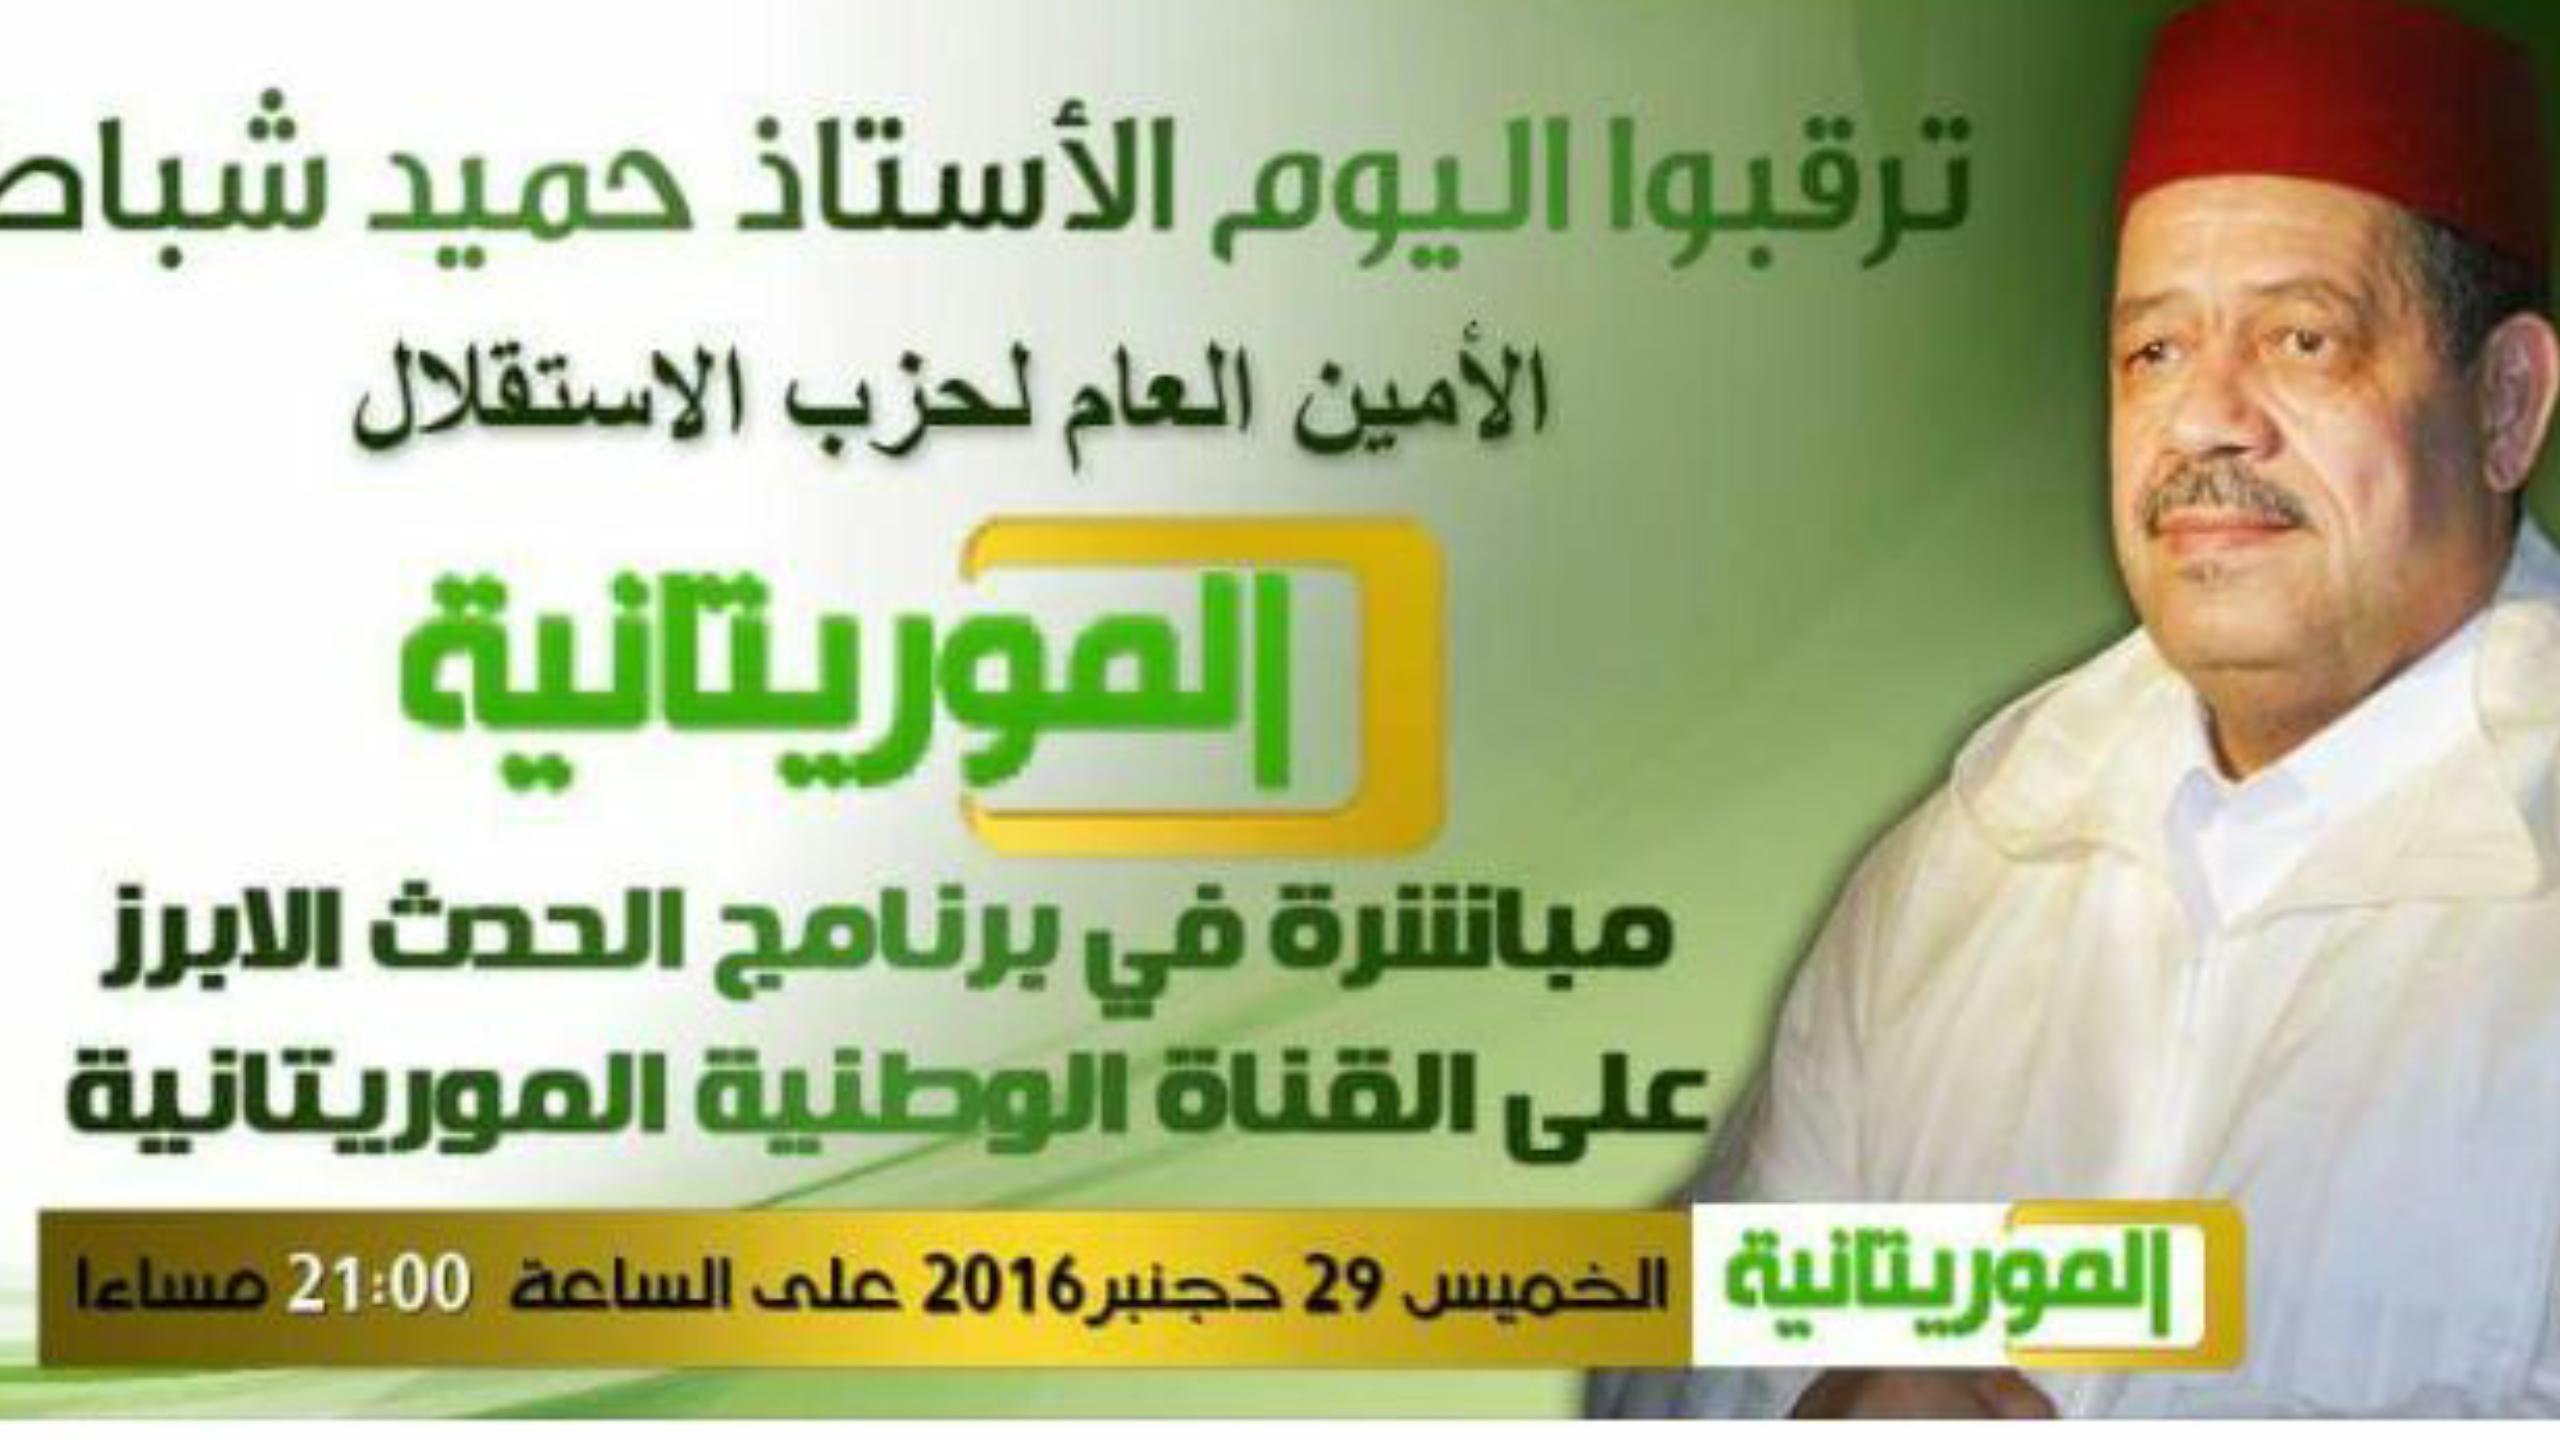 القناة الوطنية الموريتانية تلغي لقائها مع حميد شباط في آخر لحظة